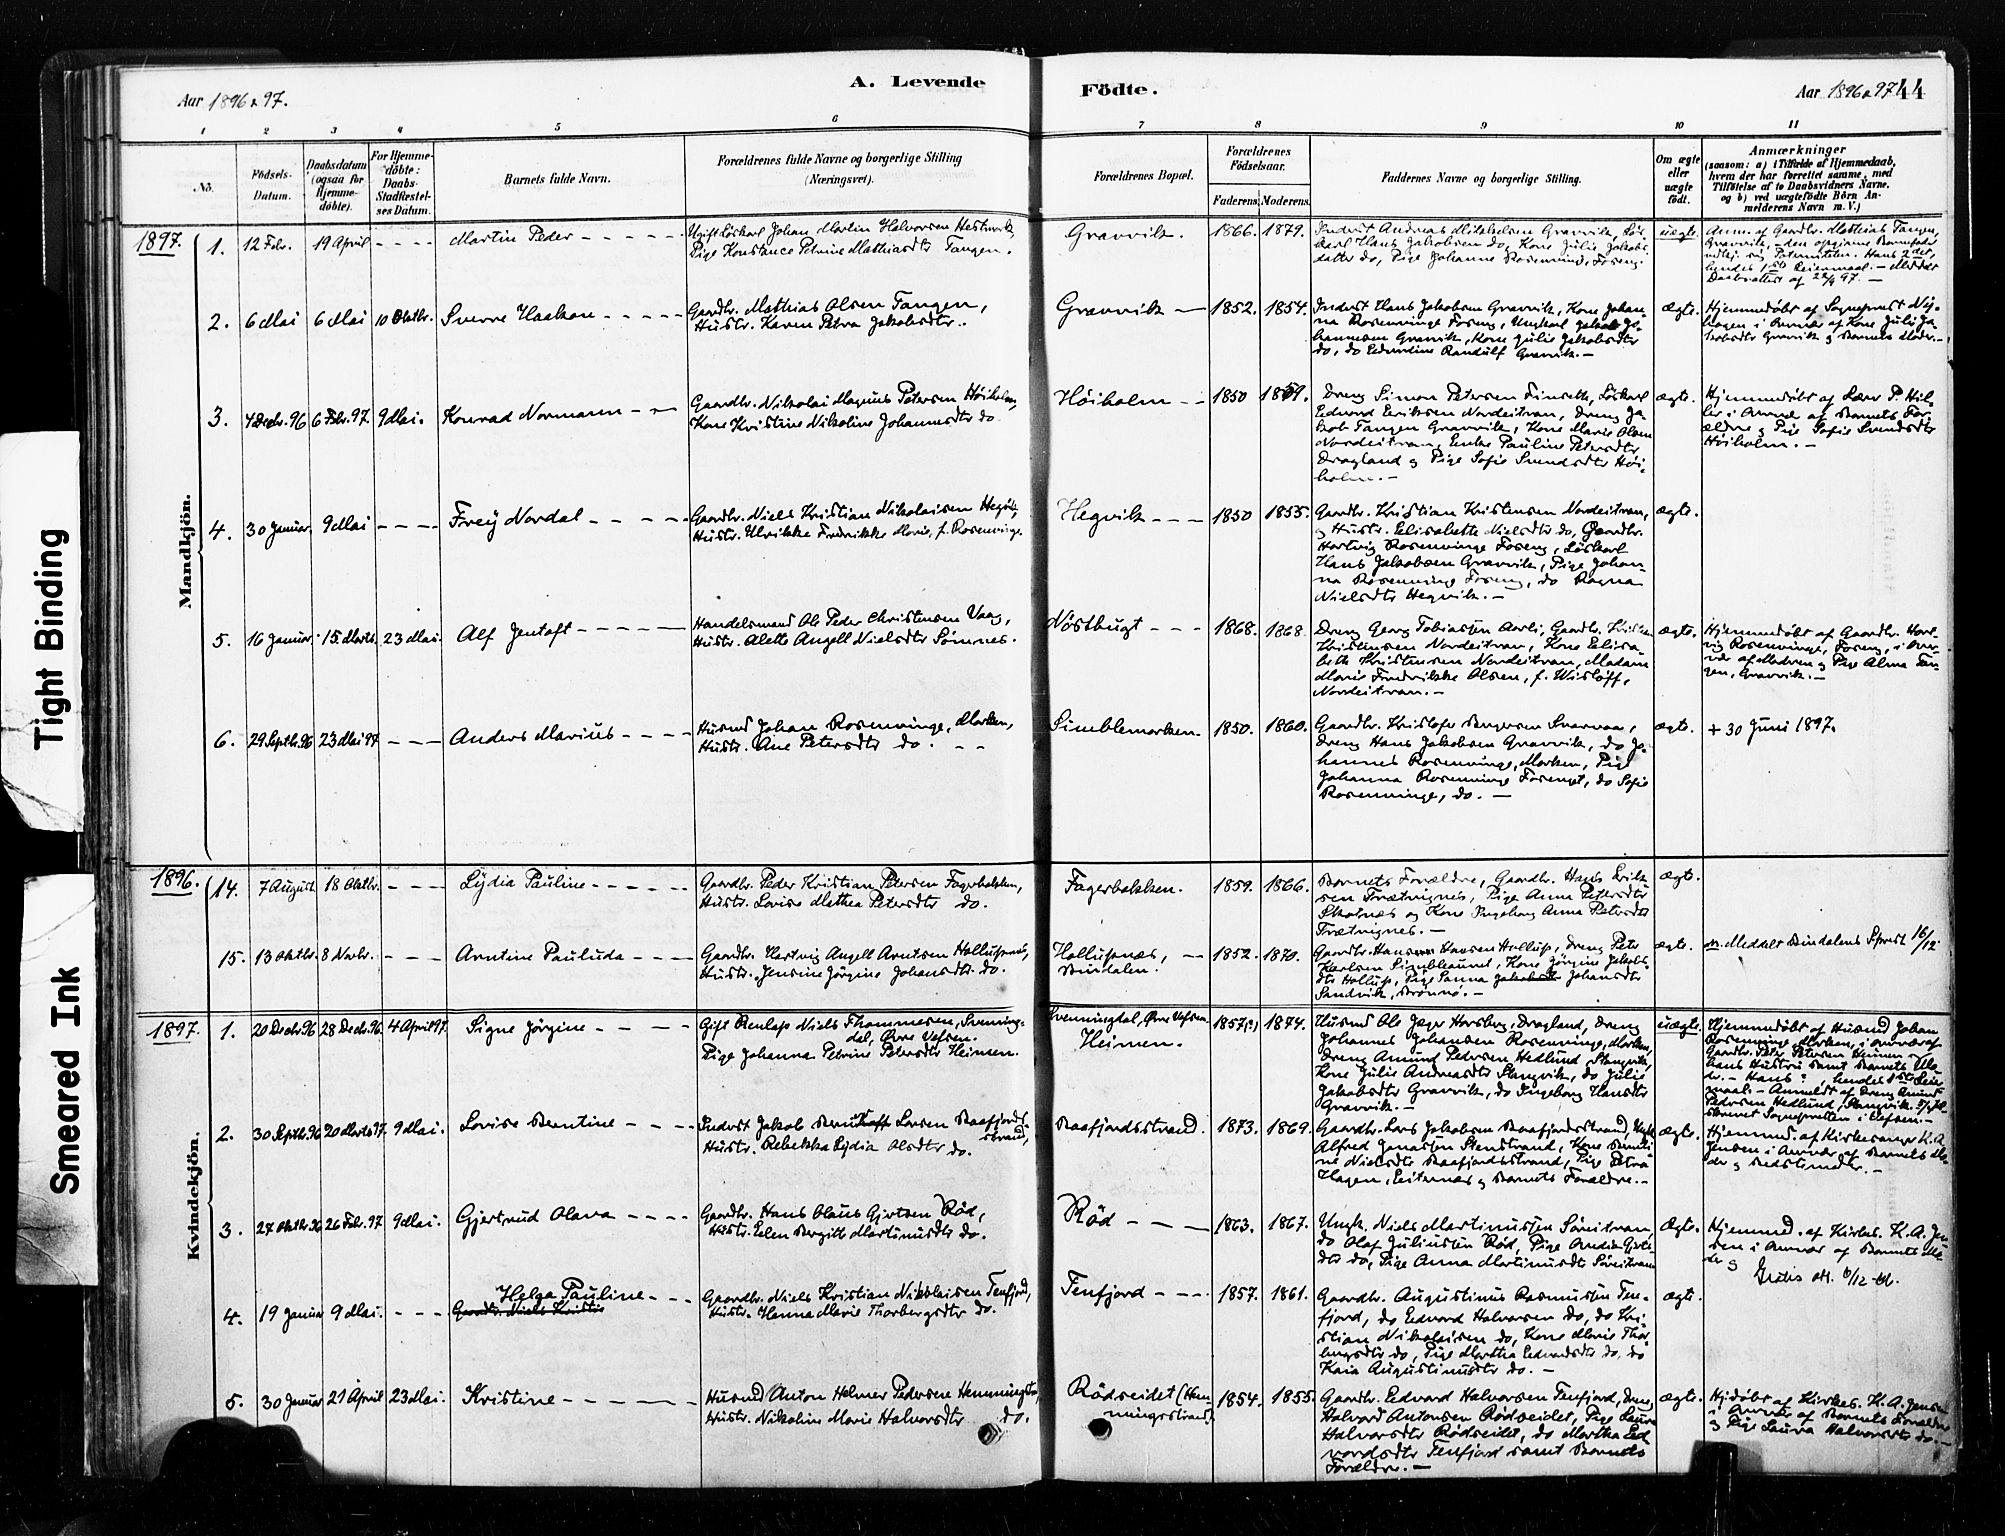 SAT, Ministerialprotokoller, klokkerbøker og fødselsregistre - Nord-Trøndelag, 789/L0705: Ministerialbok nr. 789A01, 1878-1910, s. 44